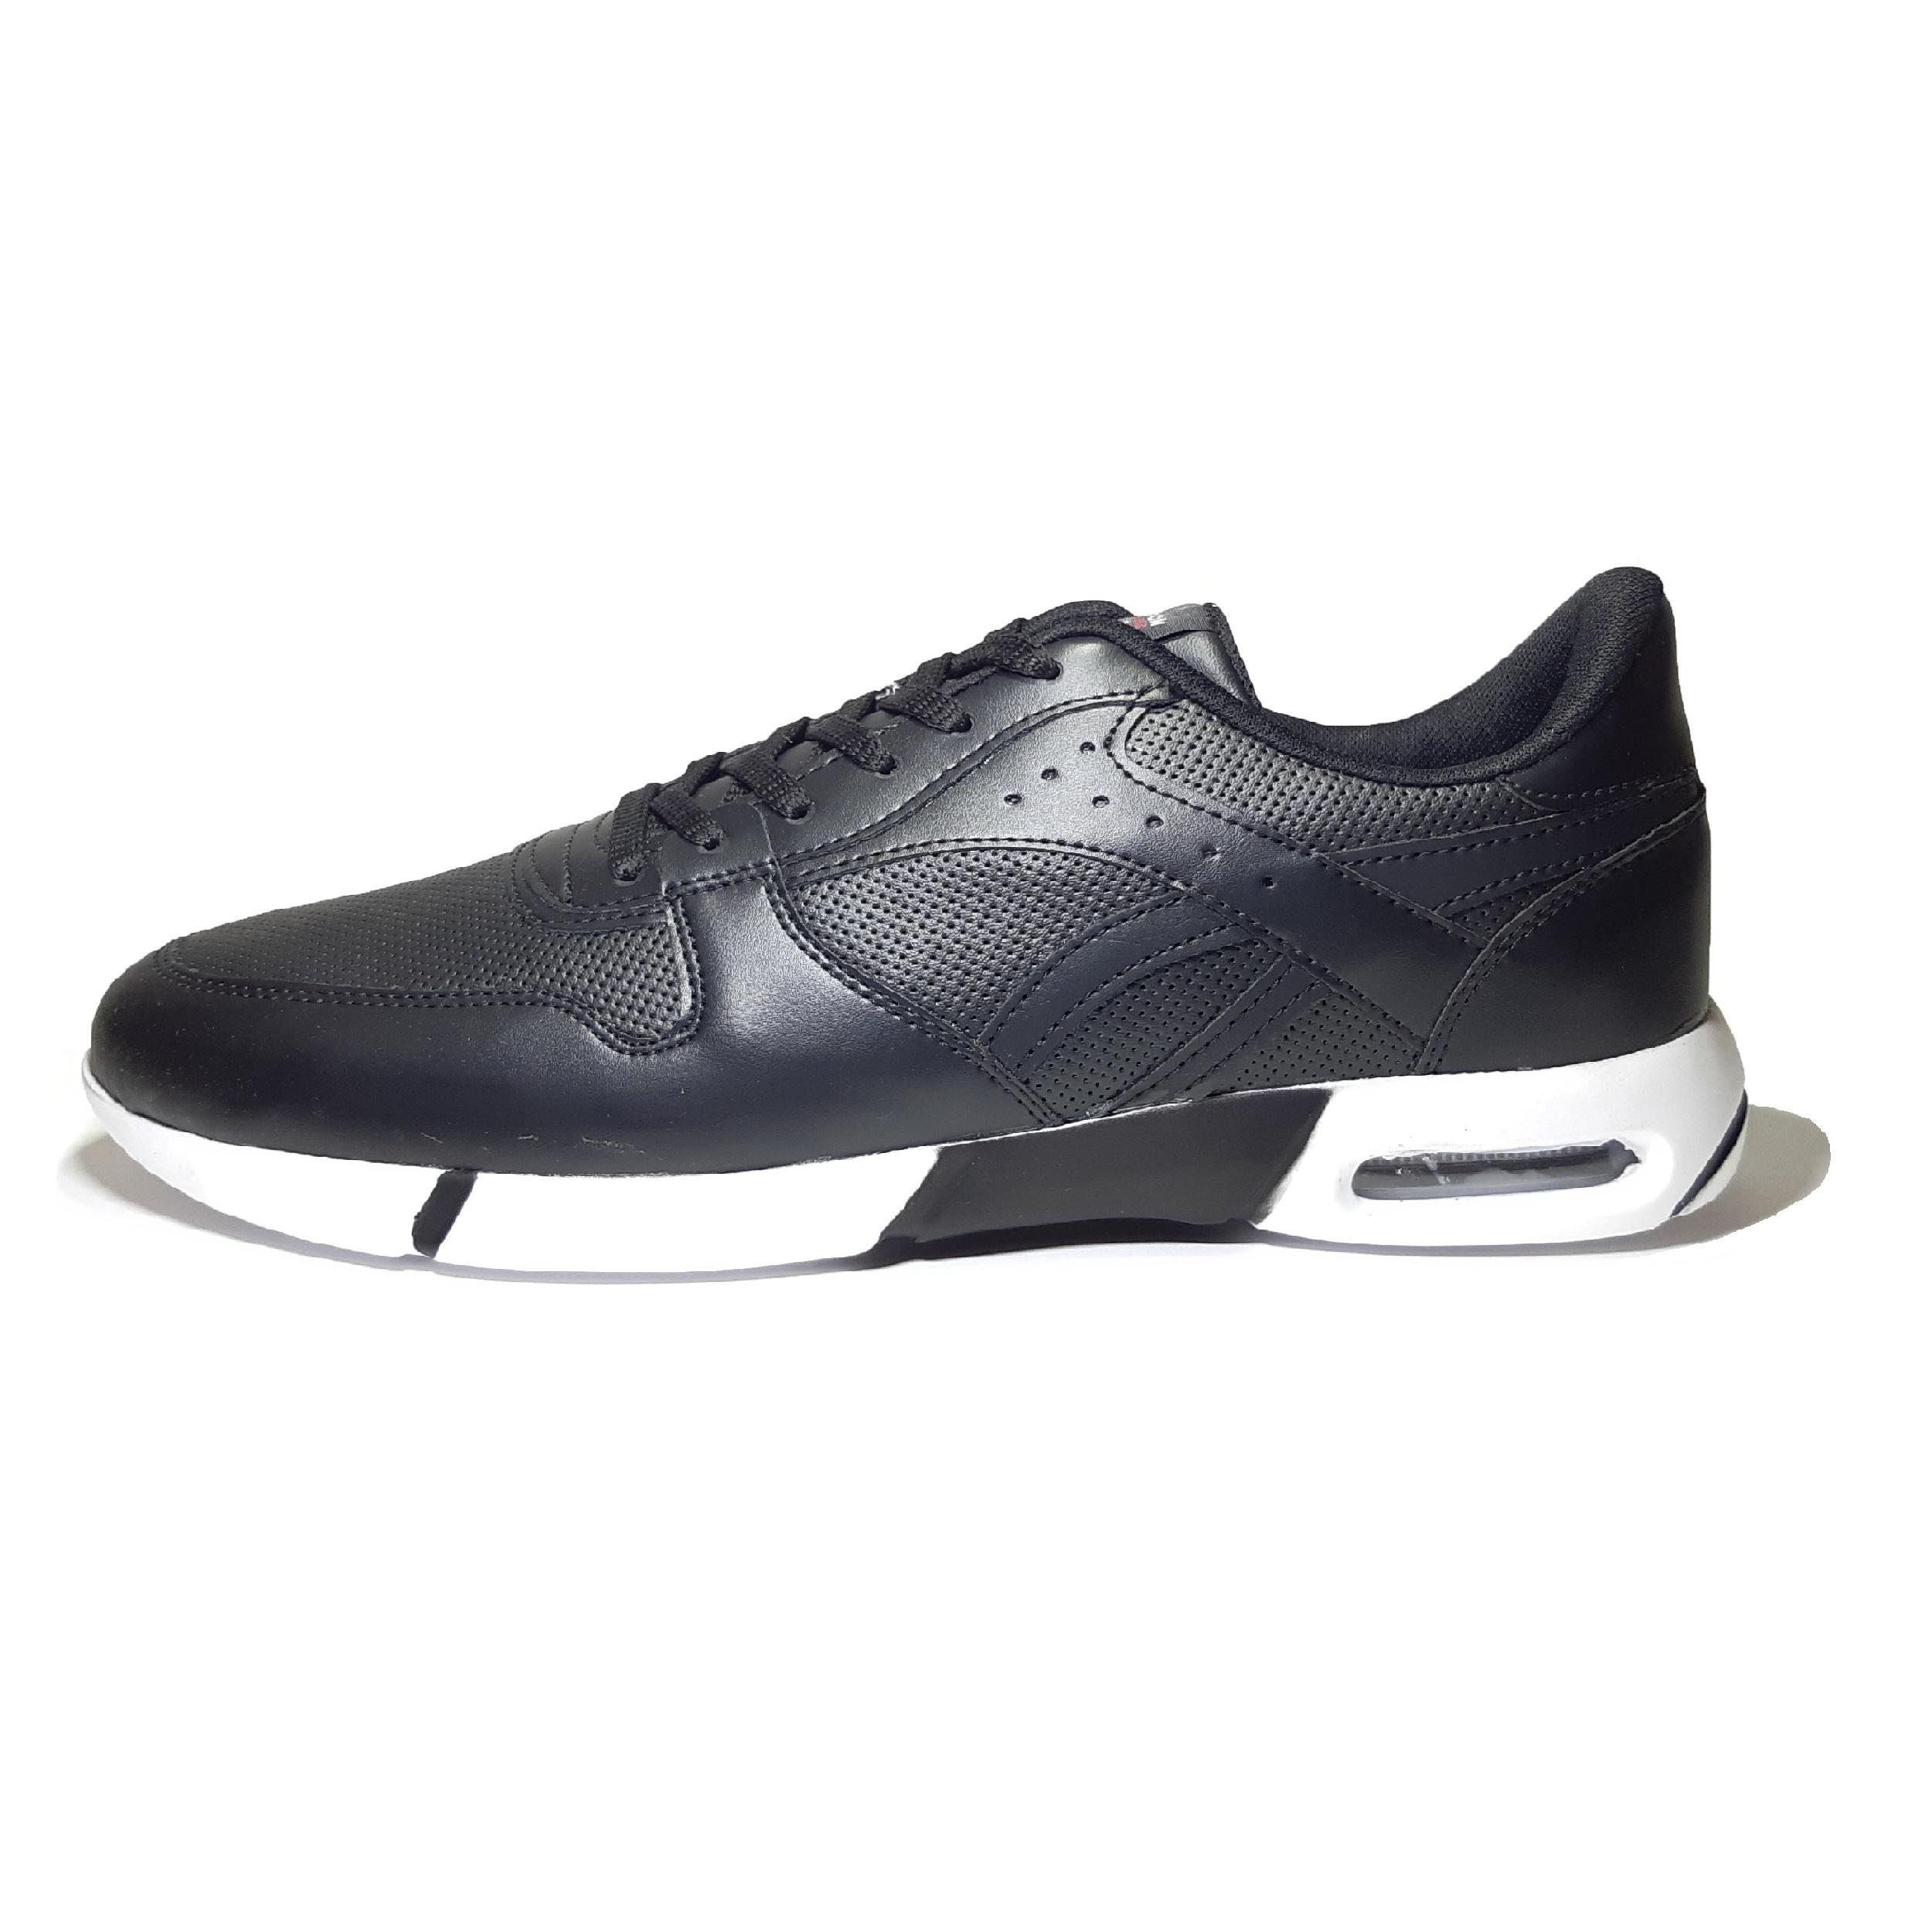 قیمت کفش مخصوص پیاده روی مردانه مدل Going up